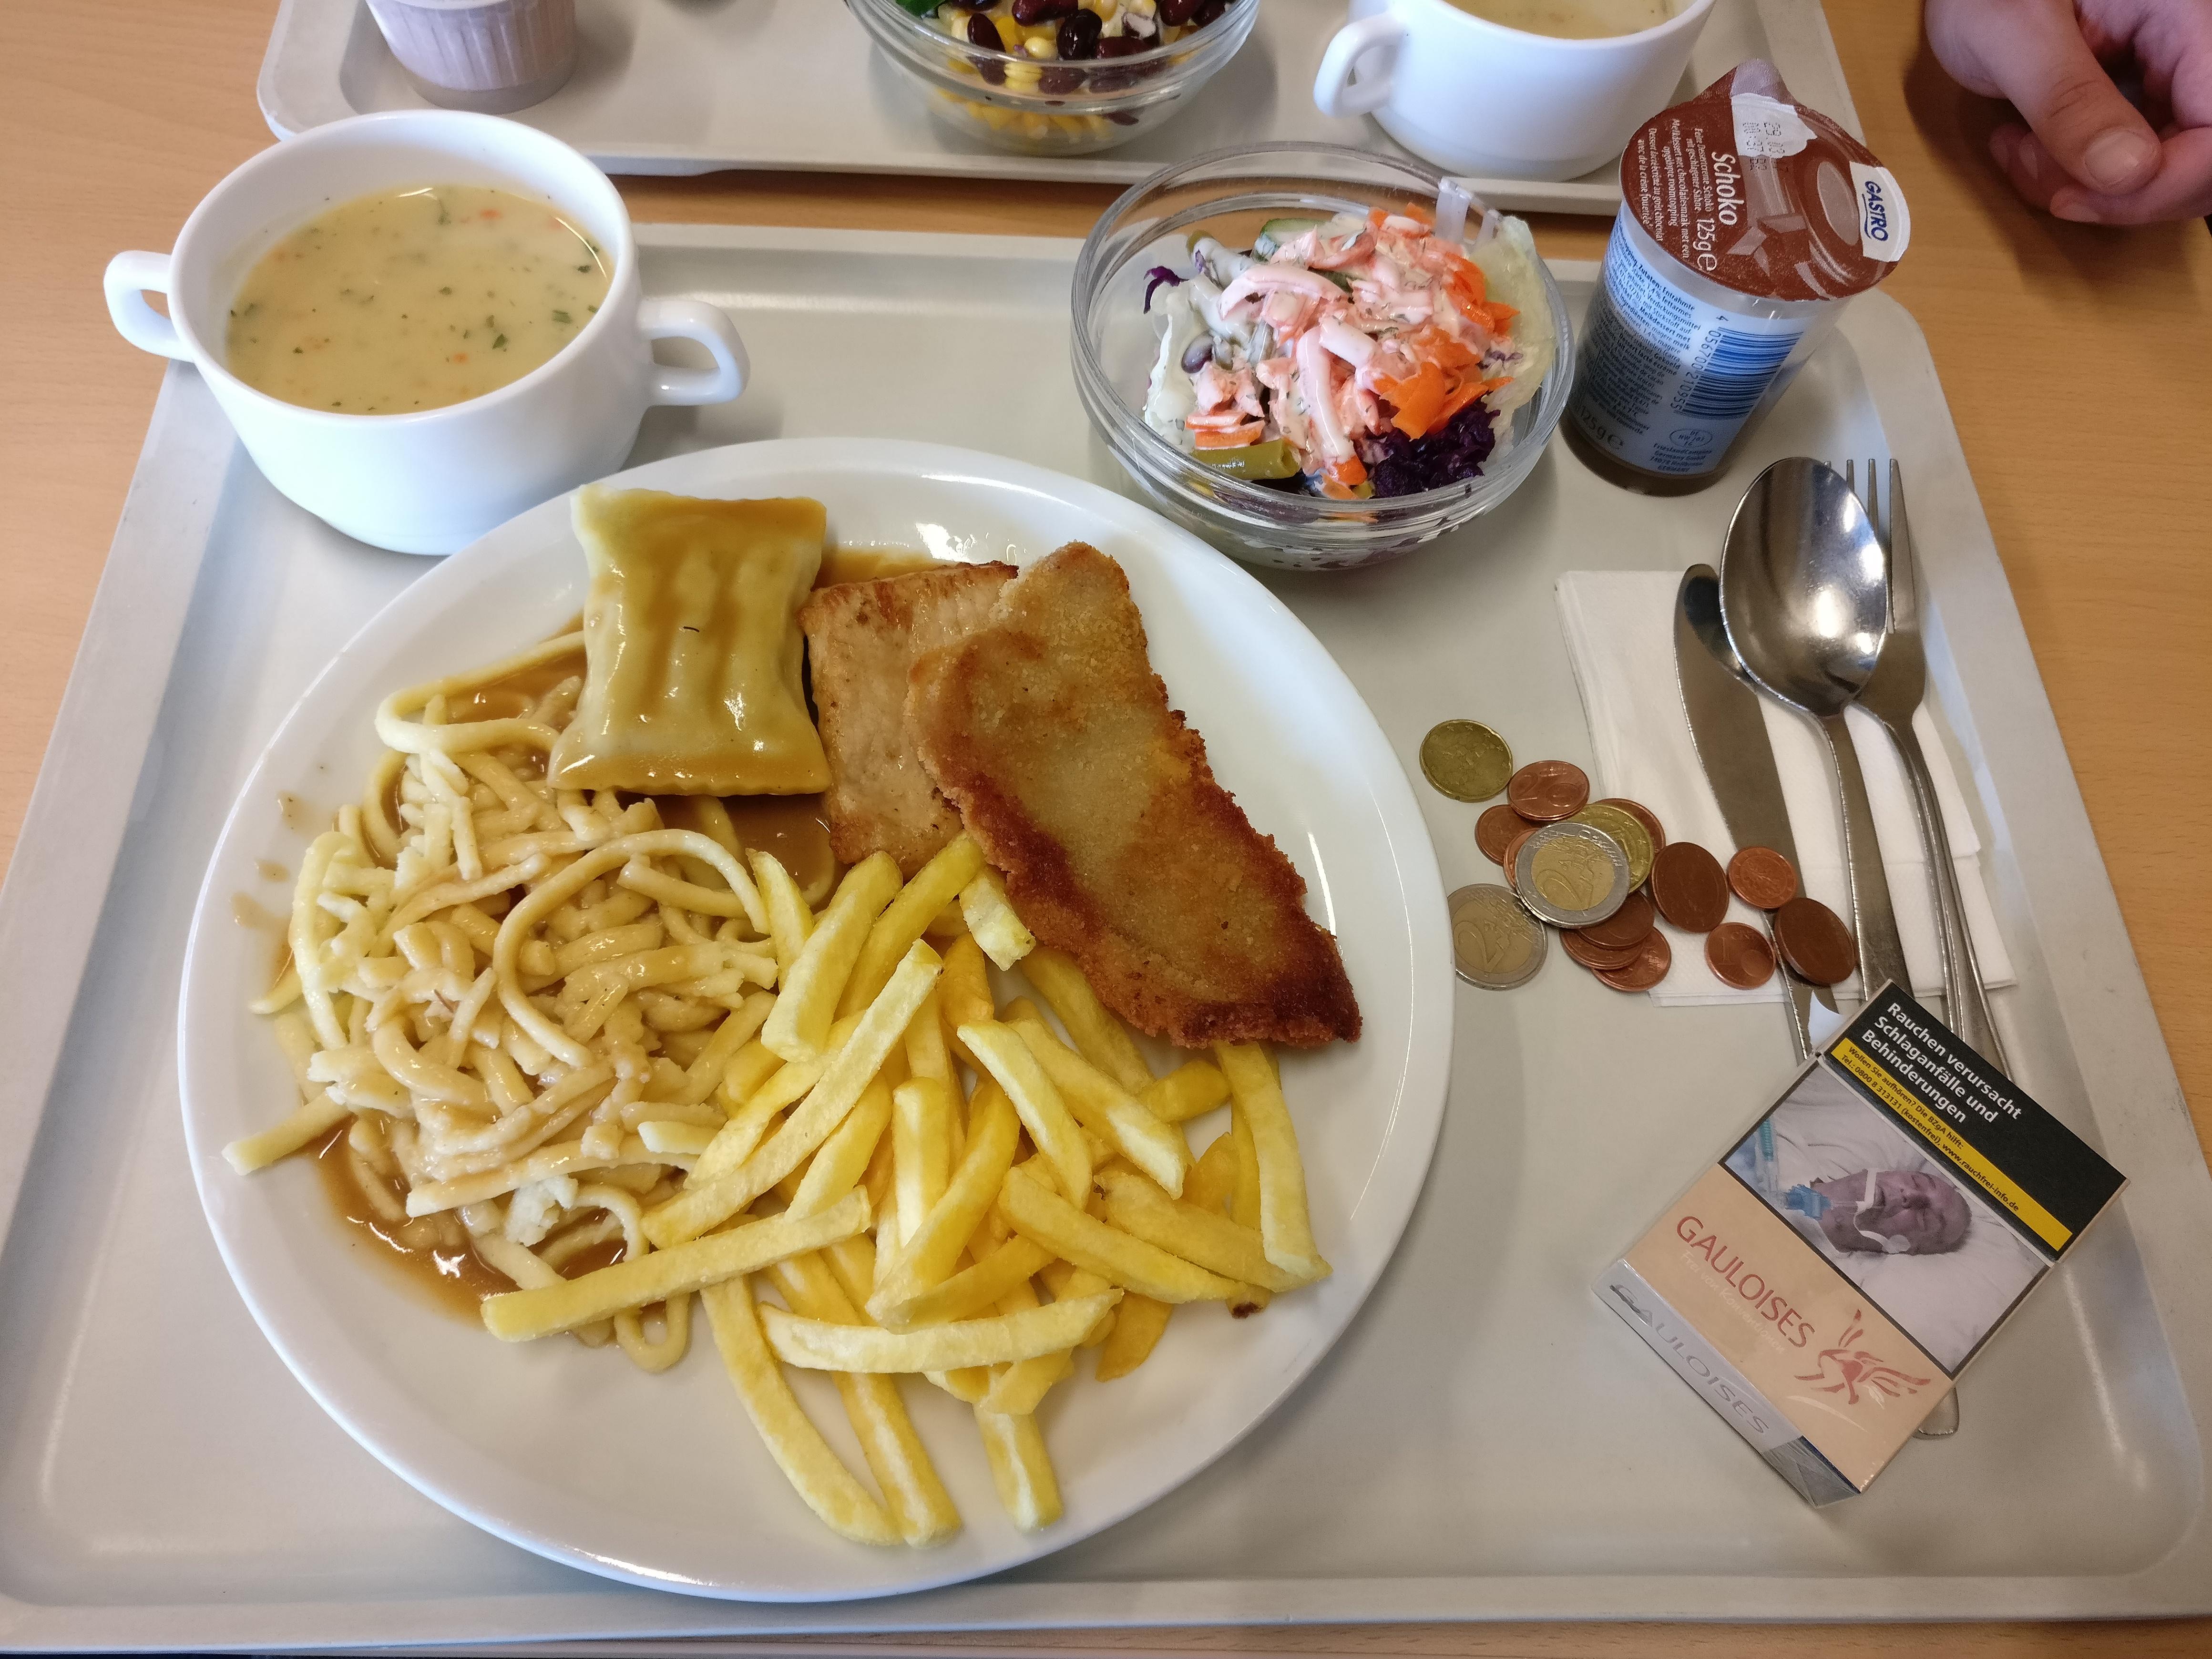 https://foodloader.net/nico_2017-03-23_schwabenteller-mit-spaetzle-und-pommes-suppe-salat-nachtisch.jpg